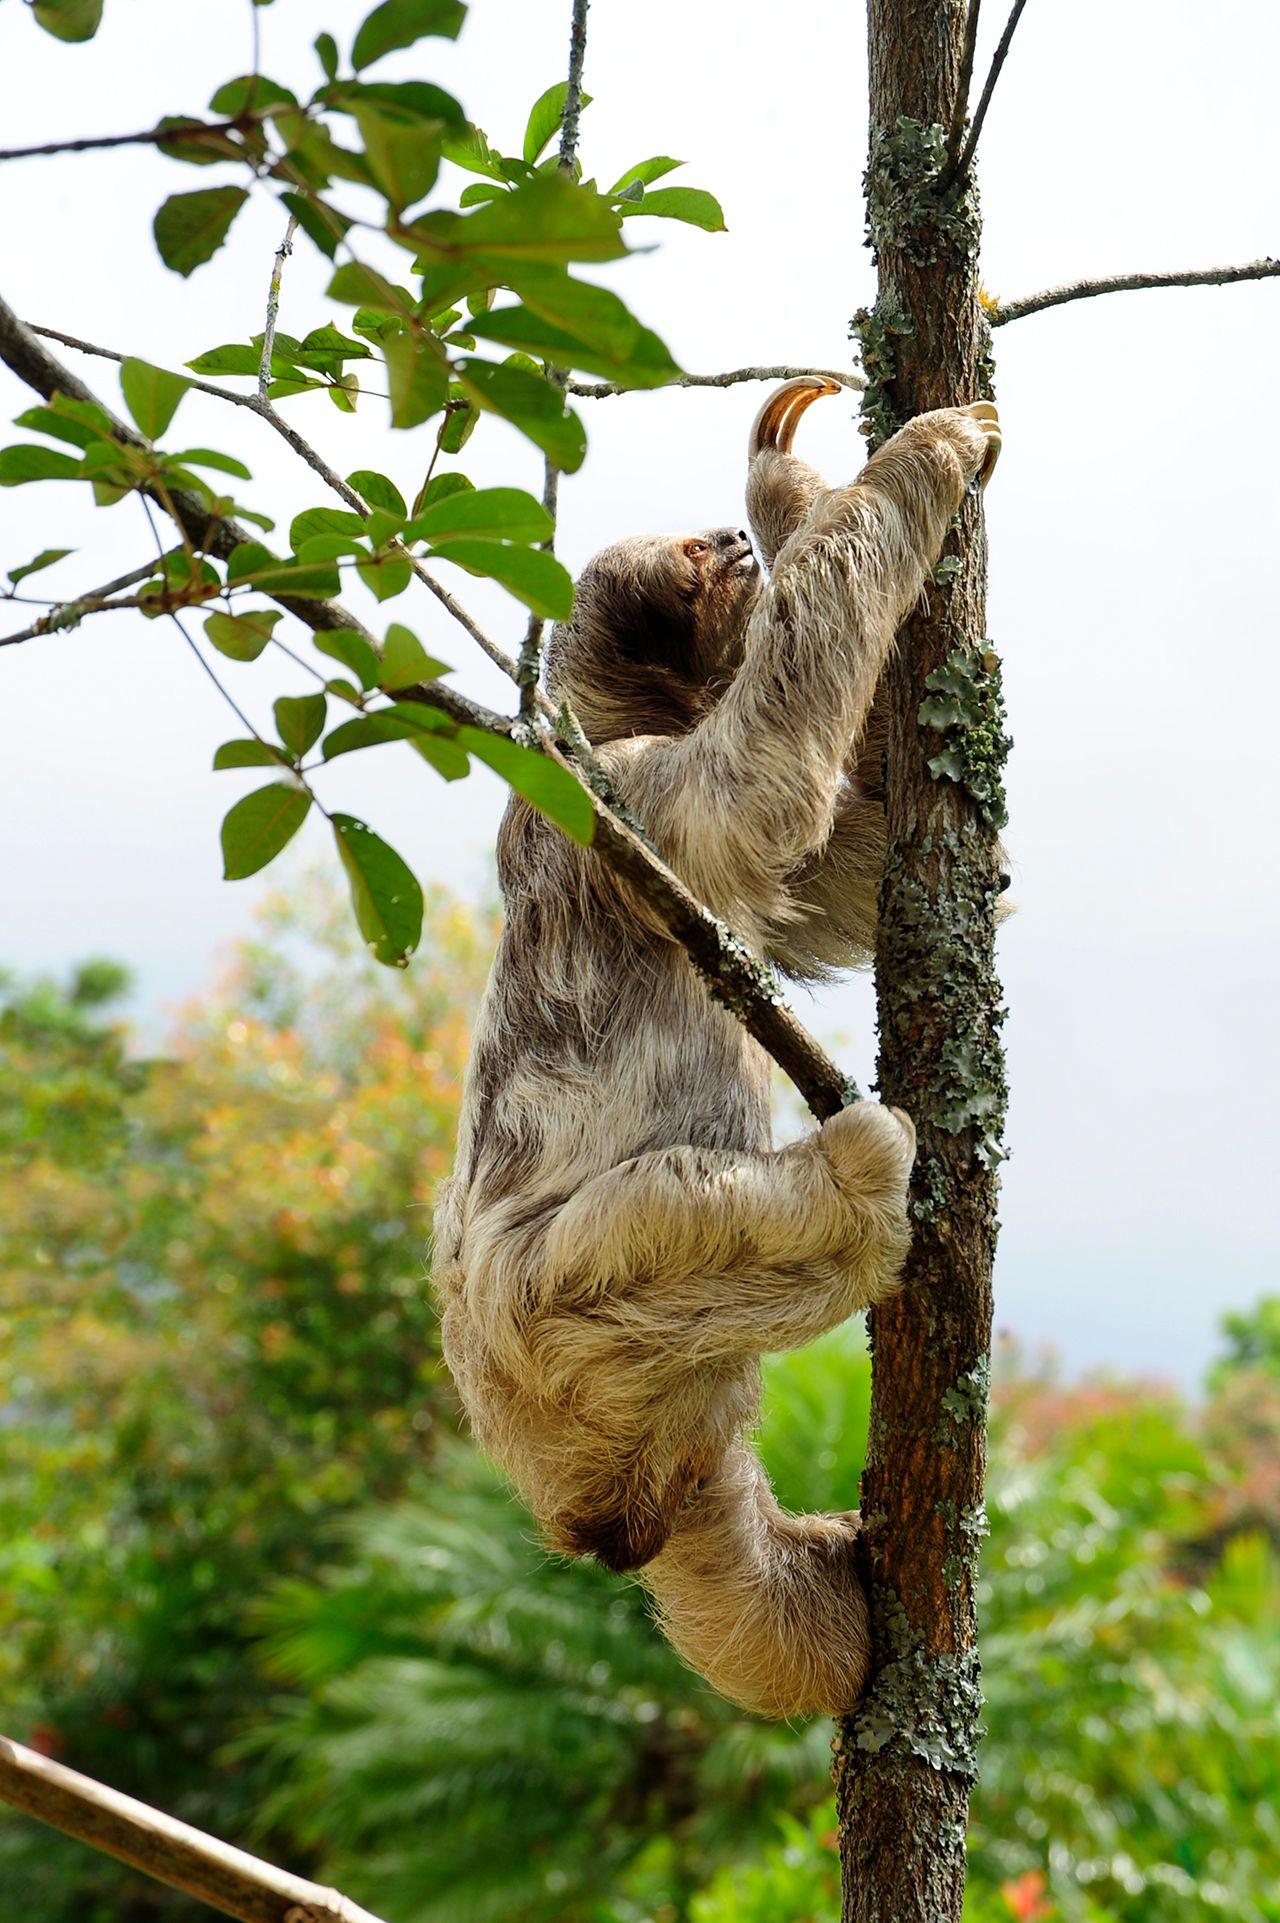 Three-Toed Sloth Climbing a Tree